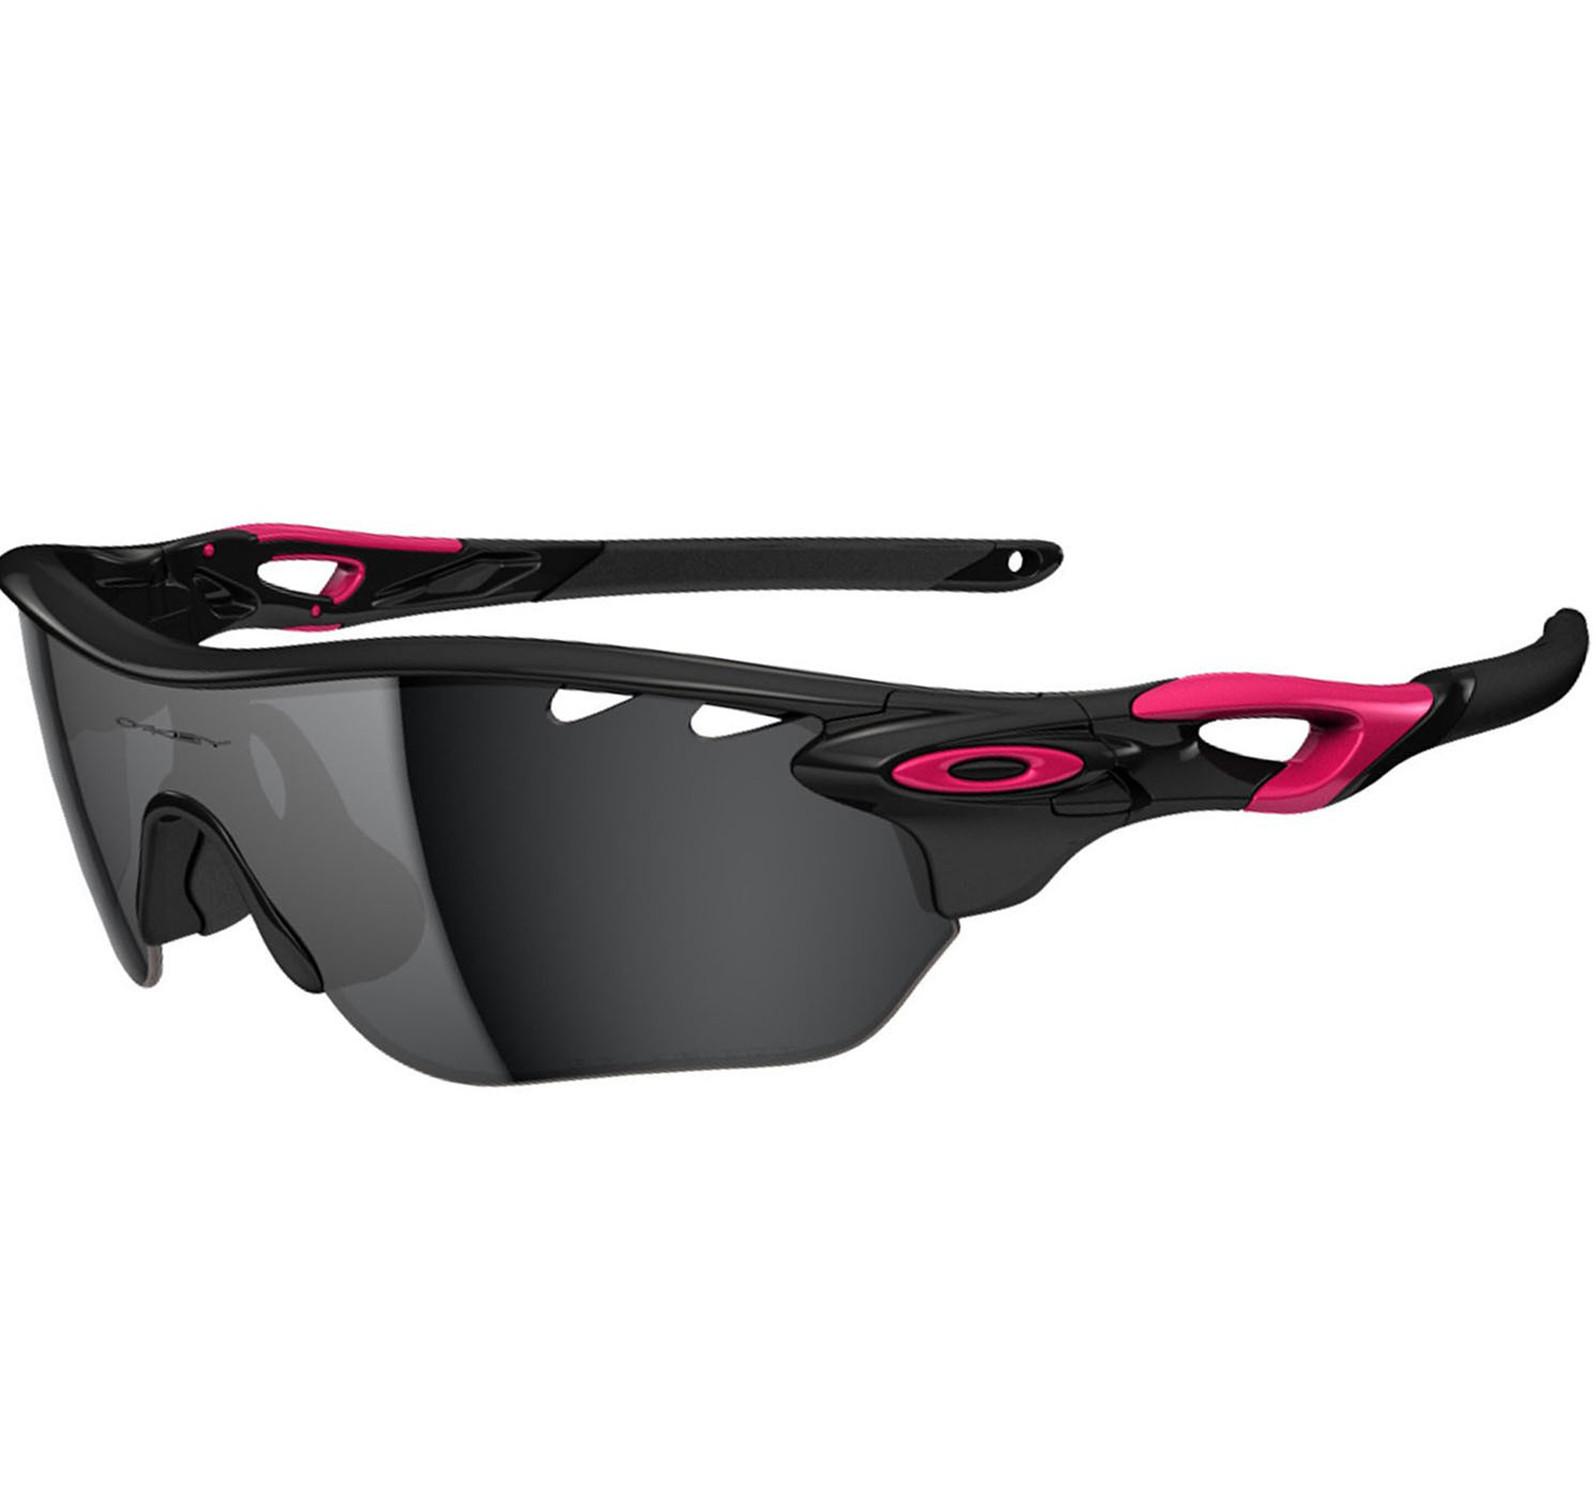 Óculos Oakley RadarLock Edge Polished Black  Black Iridium e Clear VR28  LANÇAMENTO 74d55e14e4